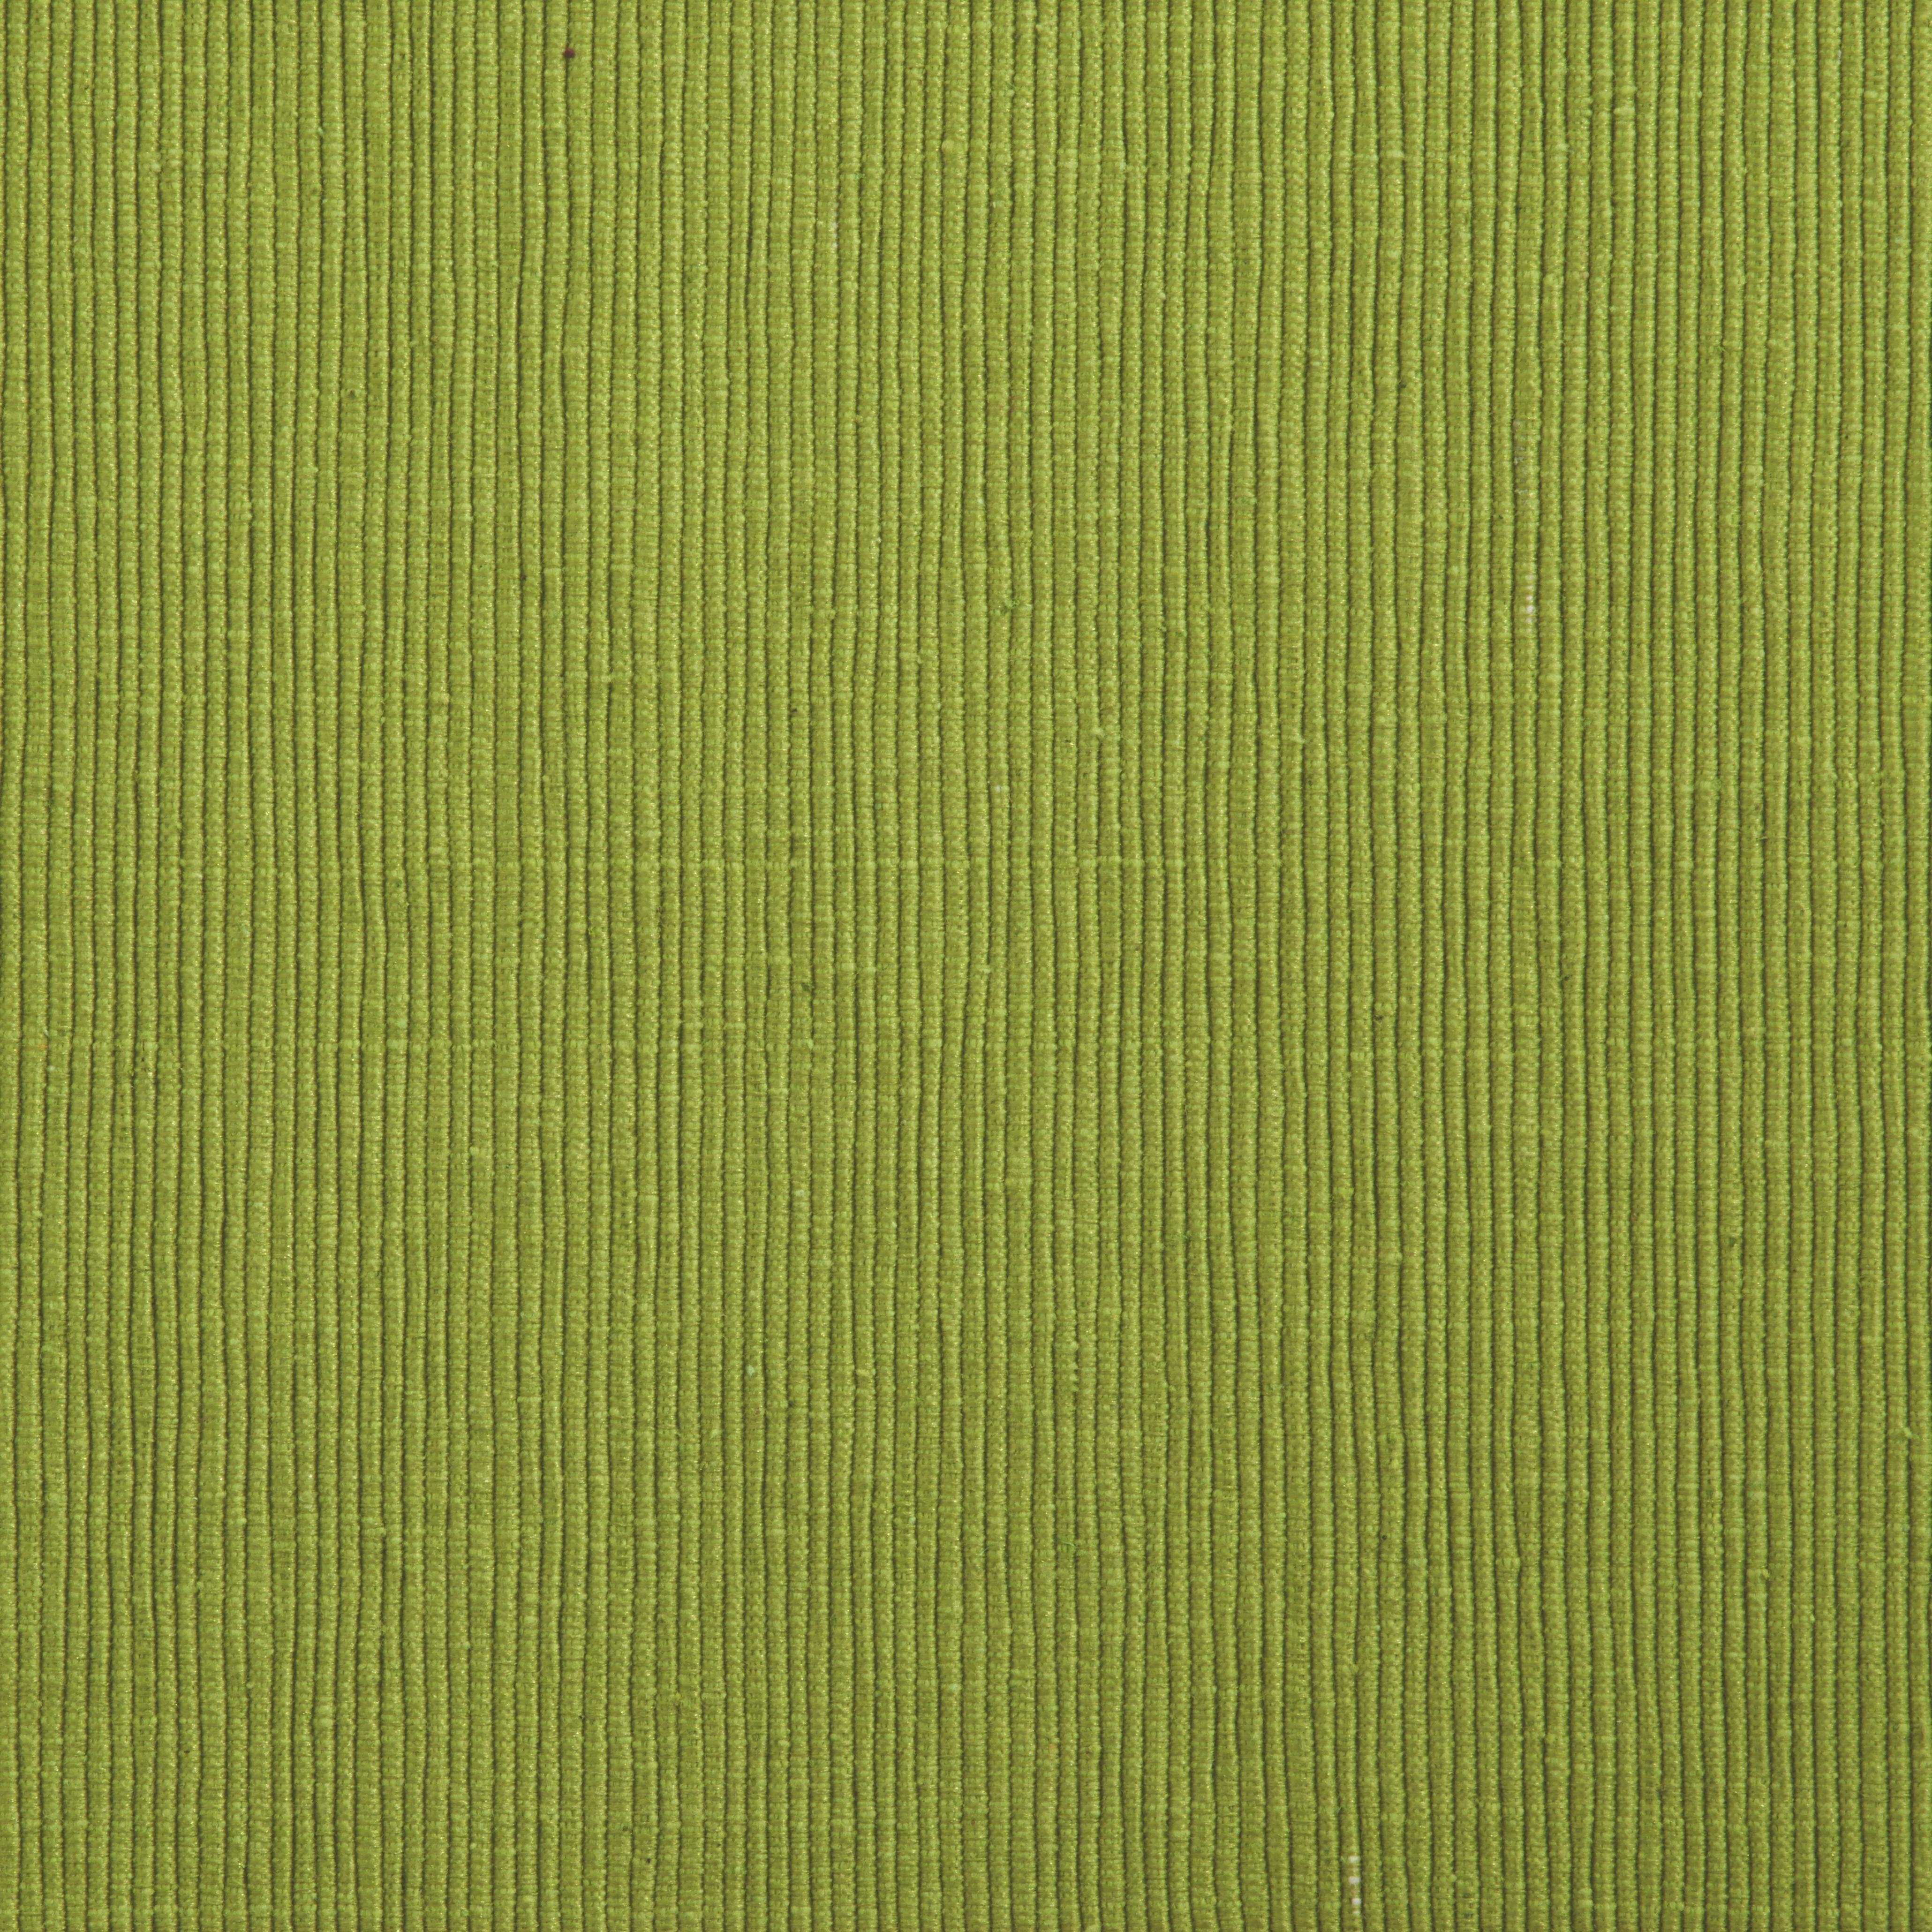 Tischset Maren in Grün - Grün, Textil (33/45cm) - BASED